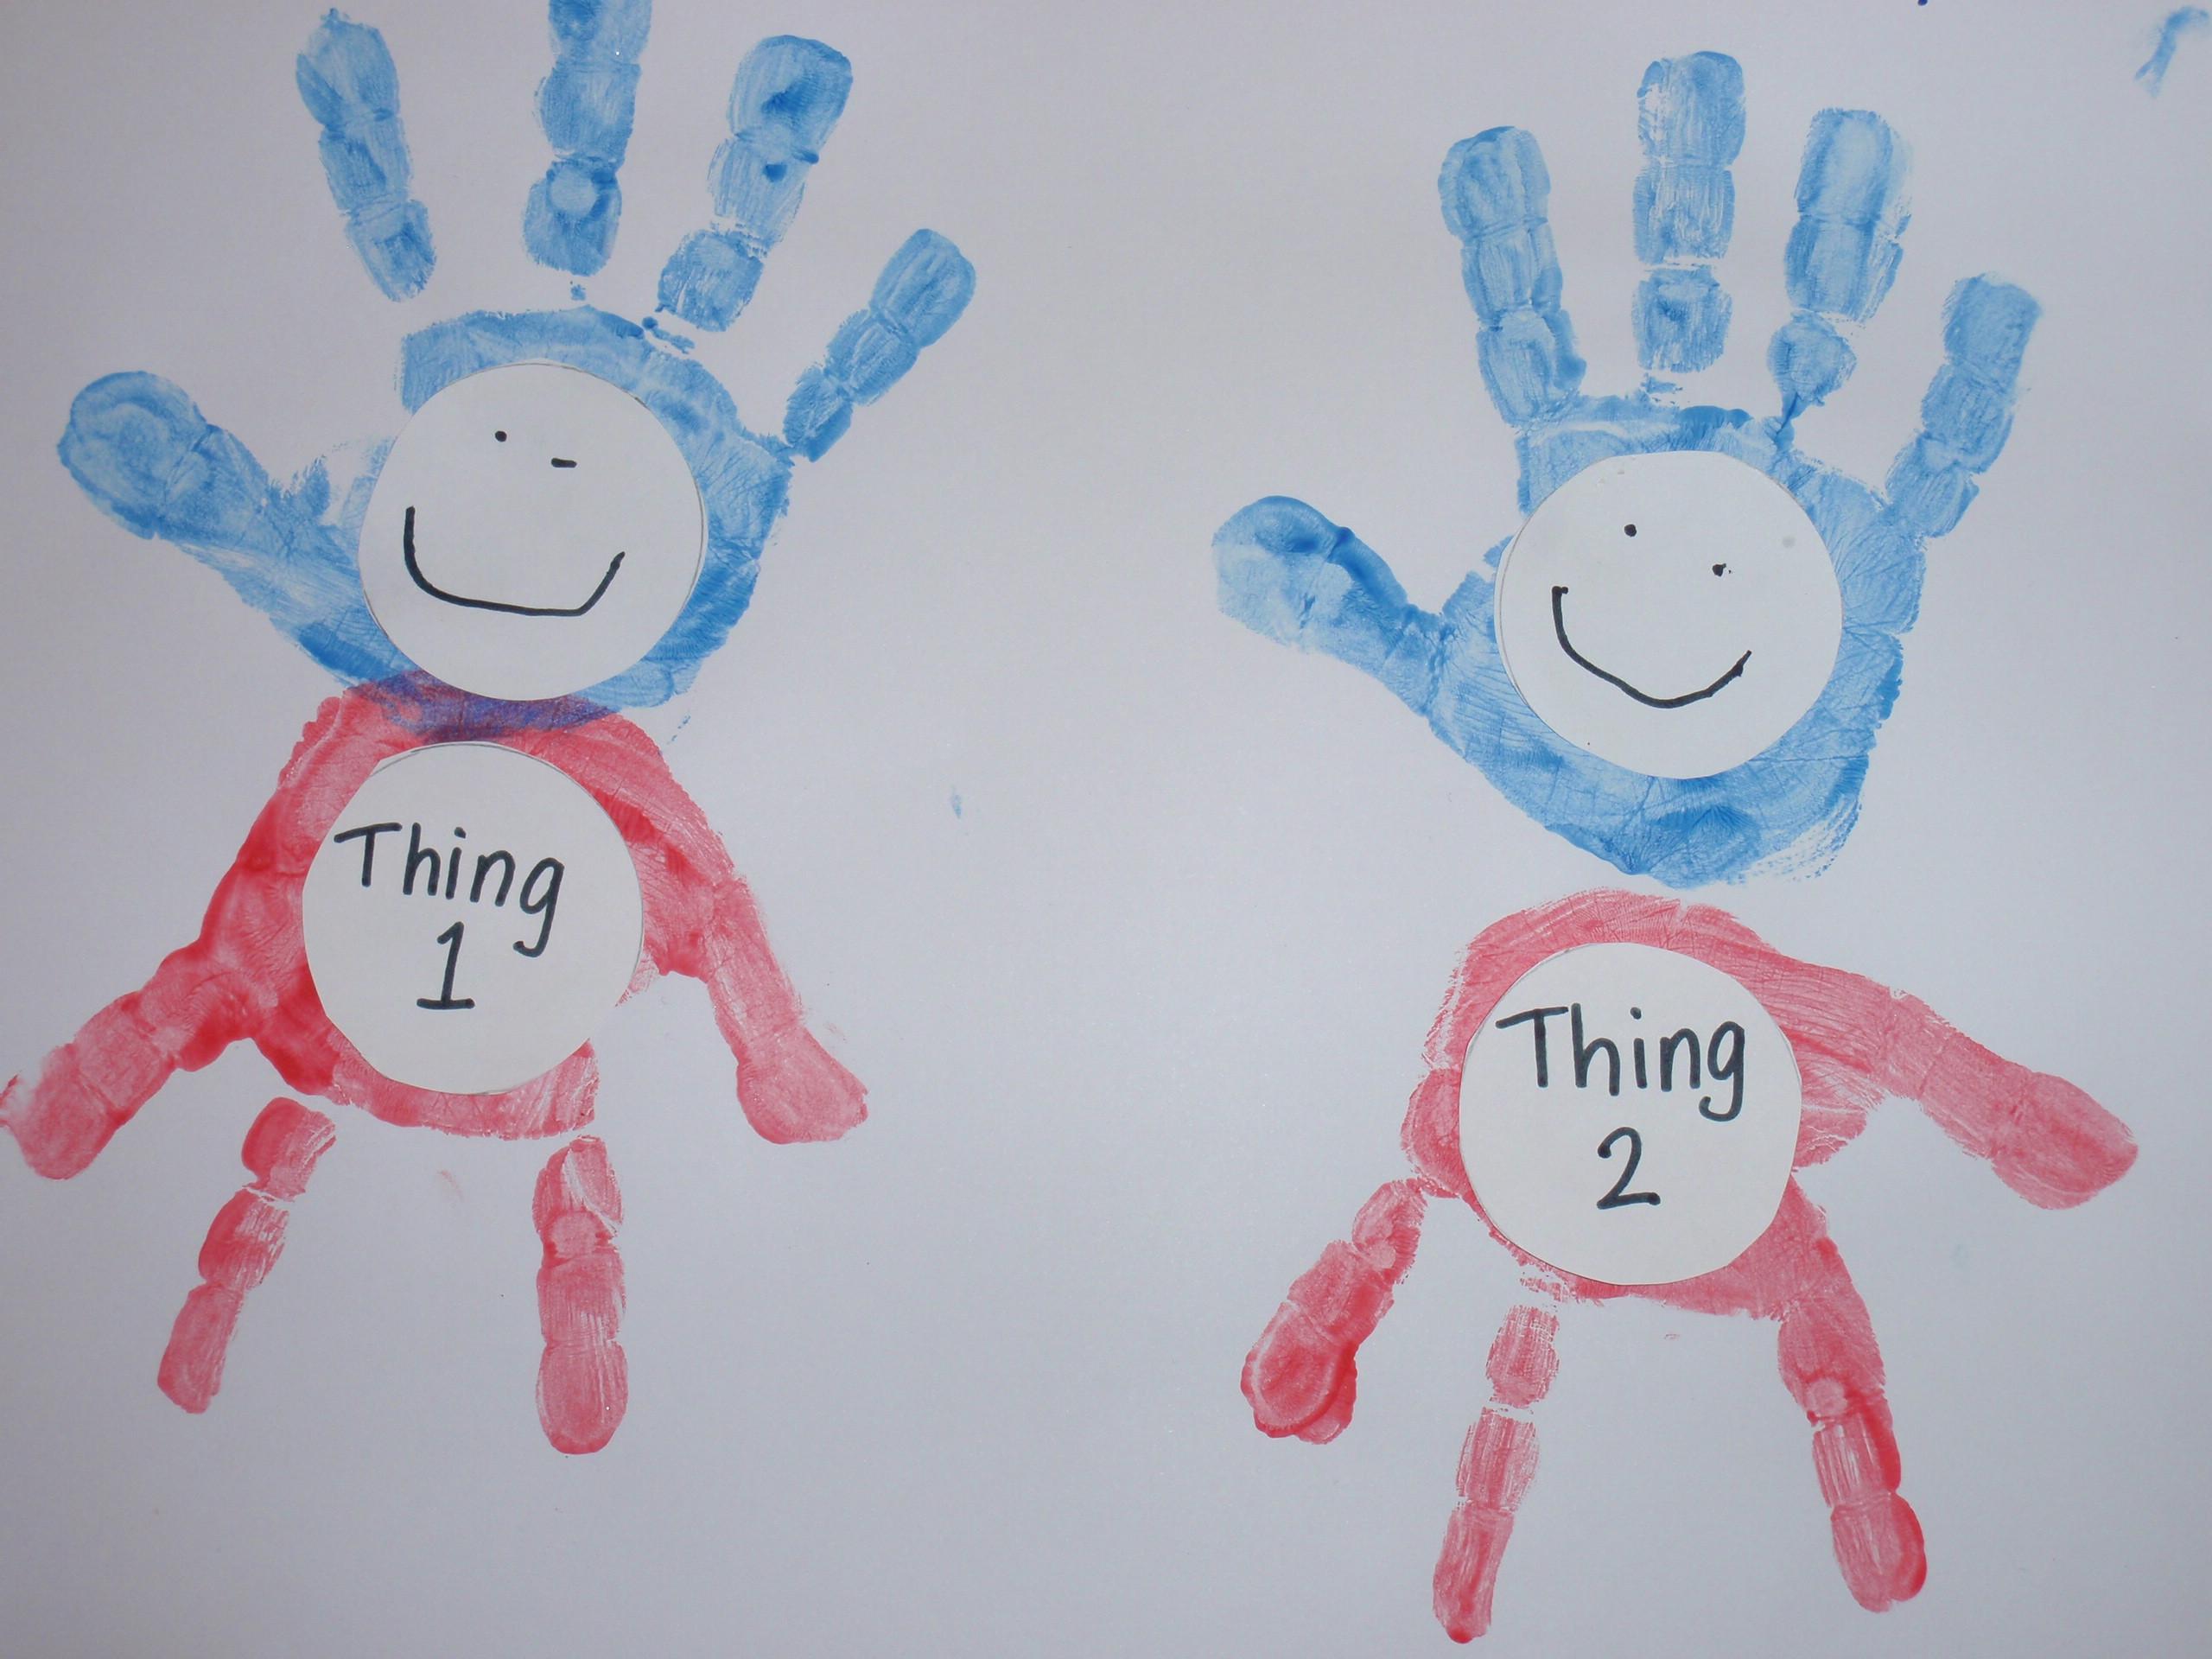 Dr Seuss Craft Ideas For Preschoolers  Dr Seuss Crafts & Activities